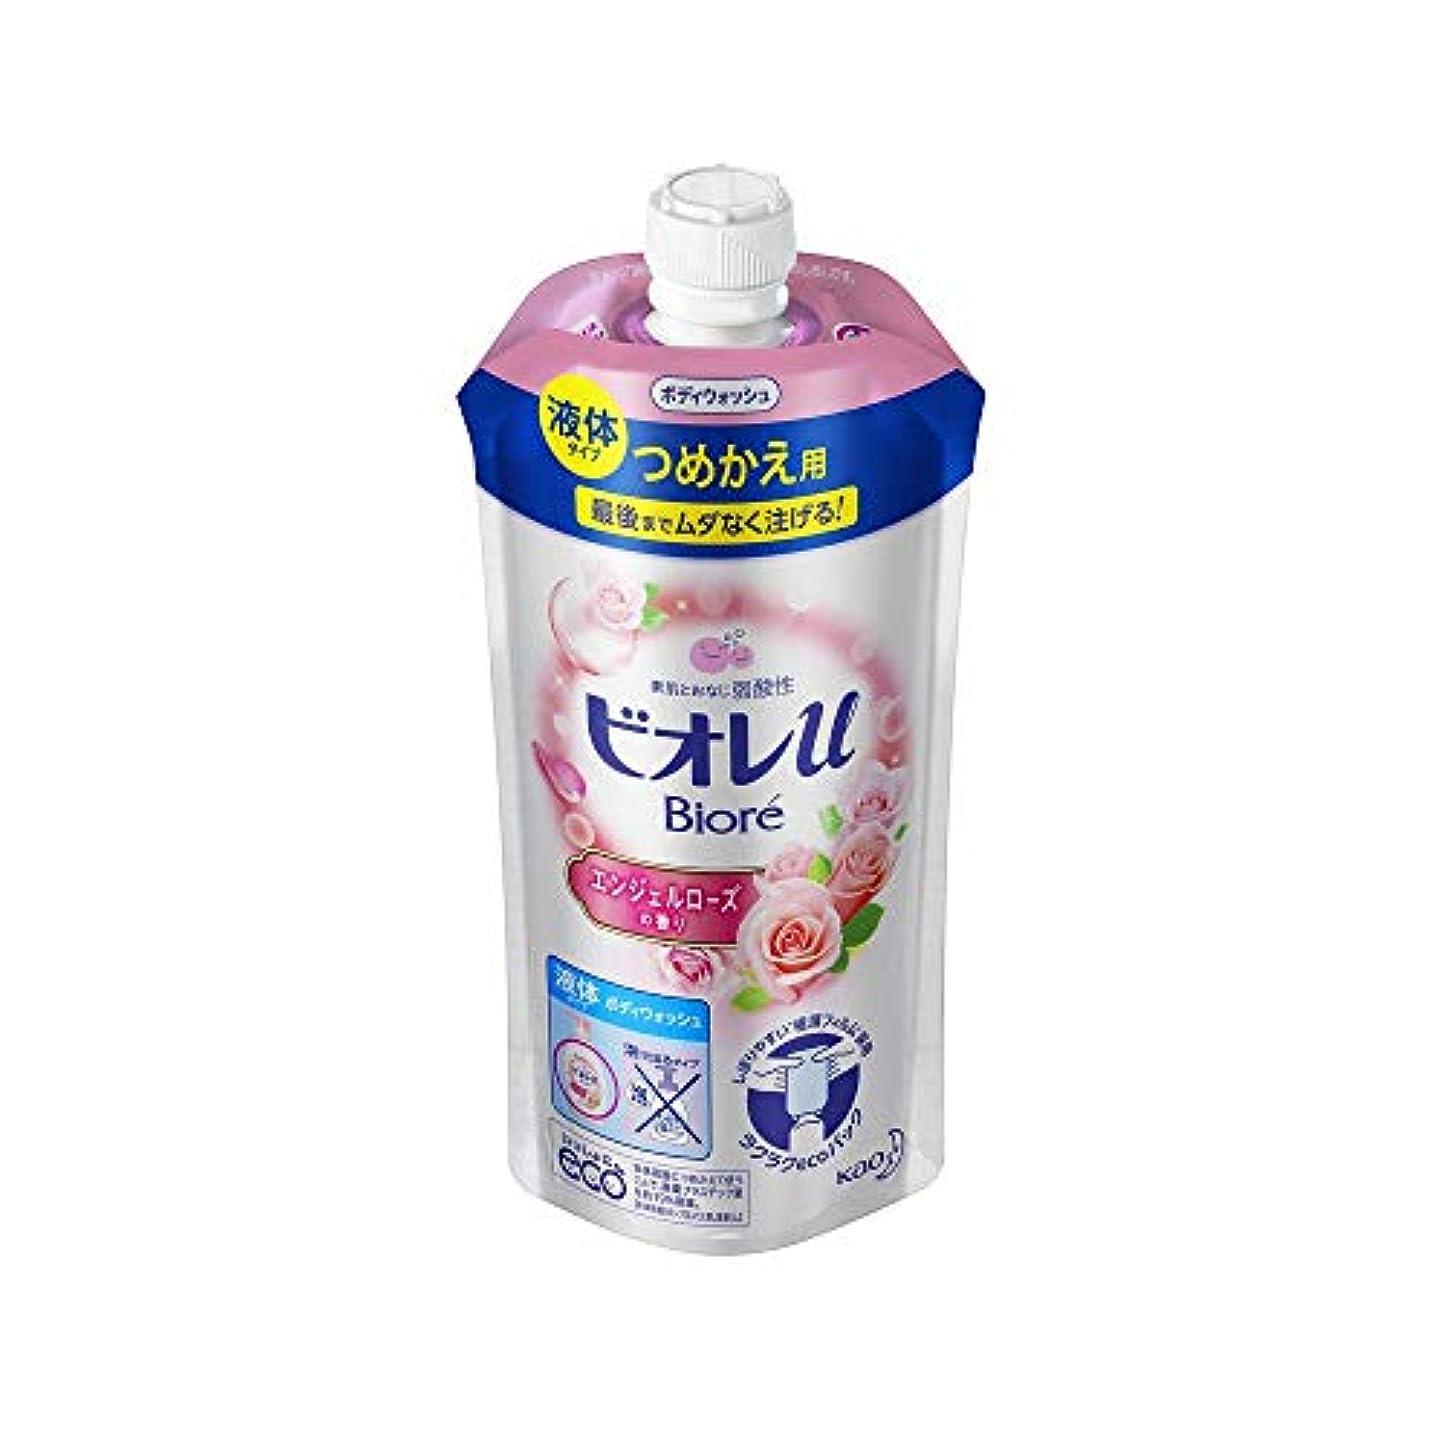 アカデミー連邦バーター花王 ビオレu エンジェルローズの香りつめかえ用 340ML